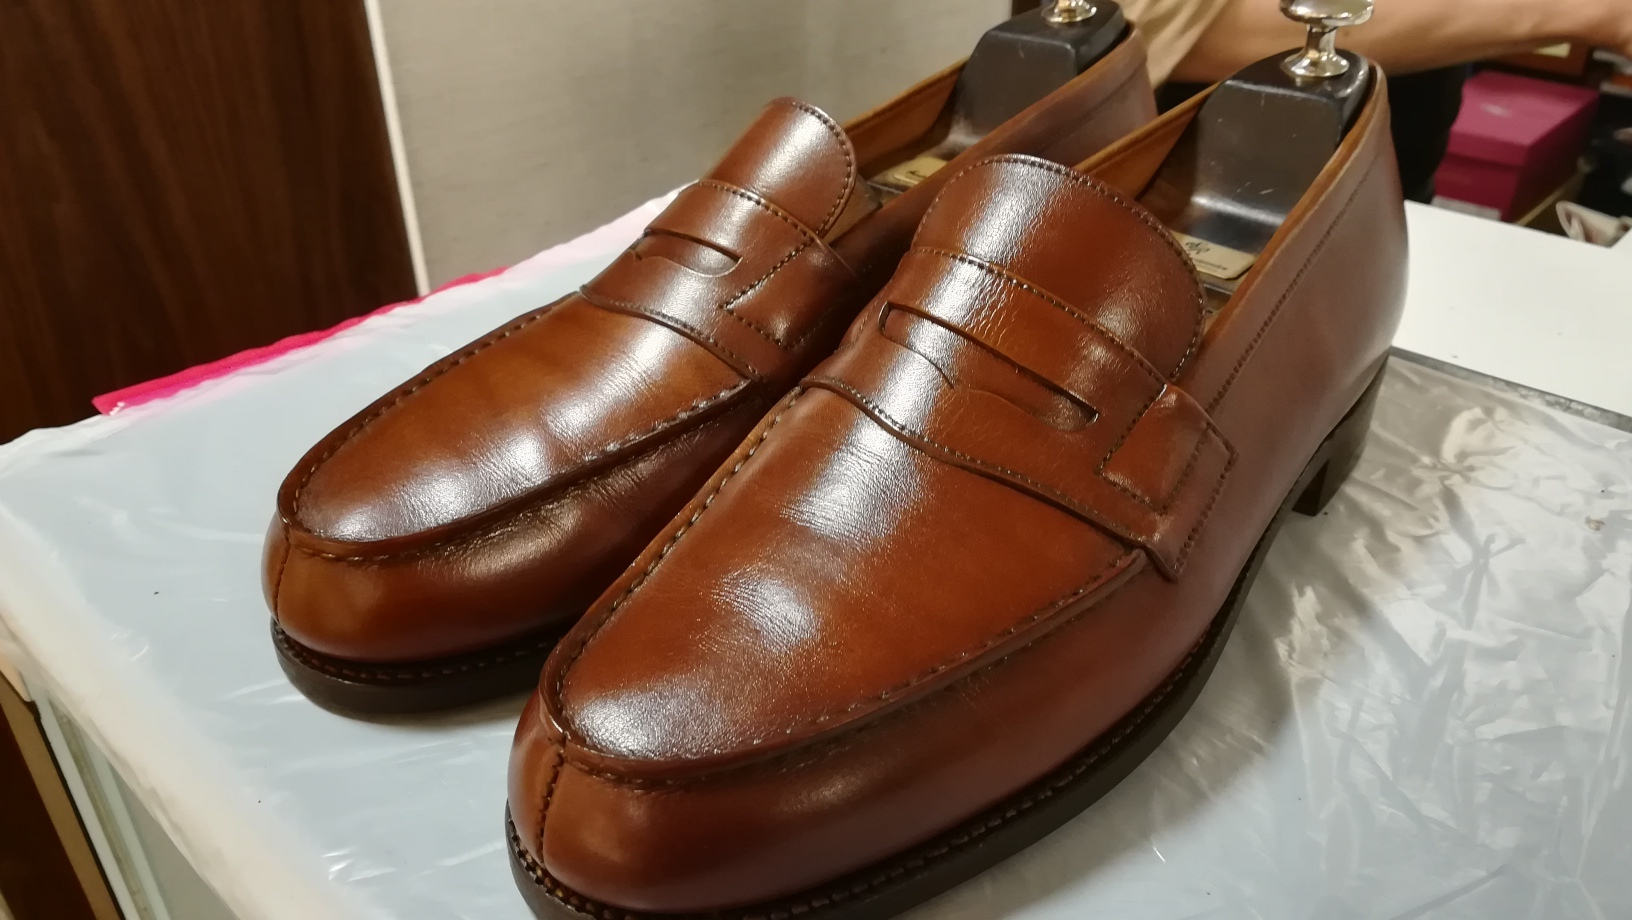 重なった靴クリームをリフレッシュ②_d0166598_16065288.jpg